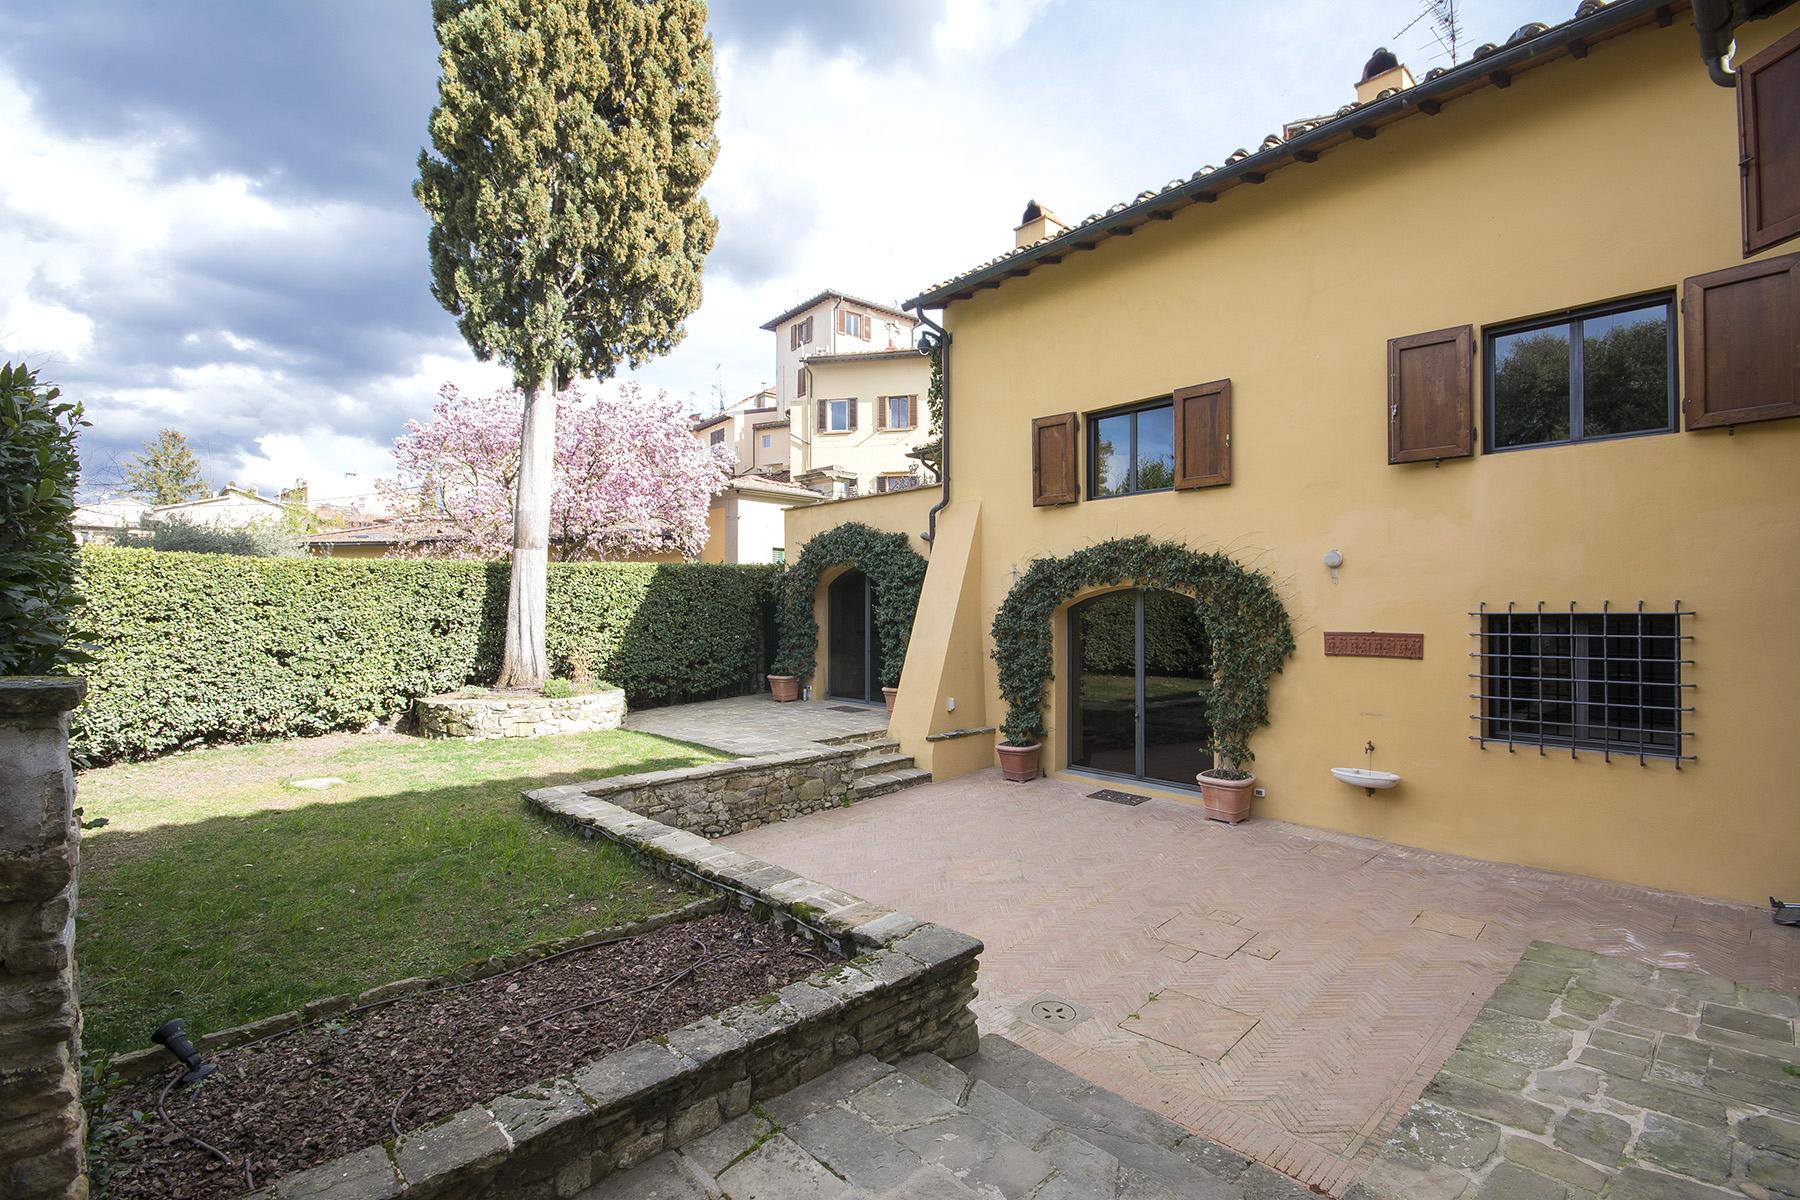 Casa indipendente in Affitto a Firenze: 5 locali, 350 mq - Foto 2